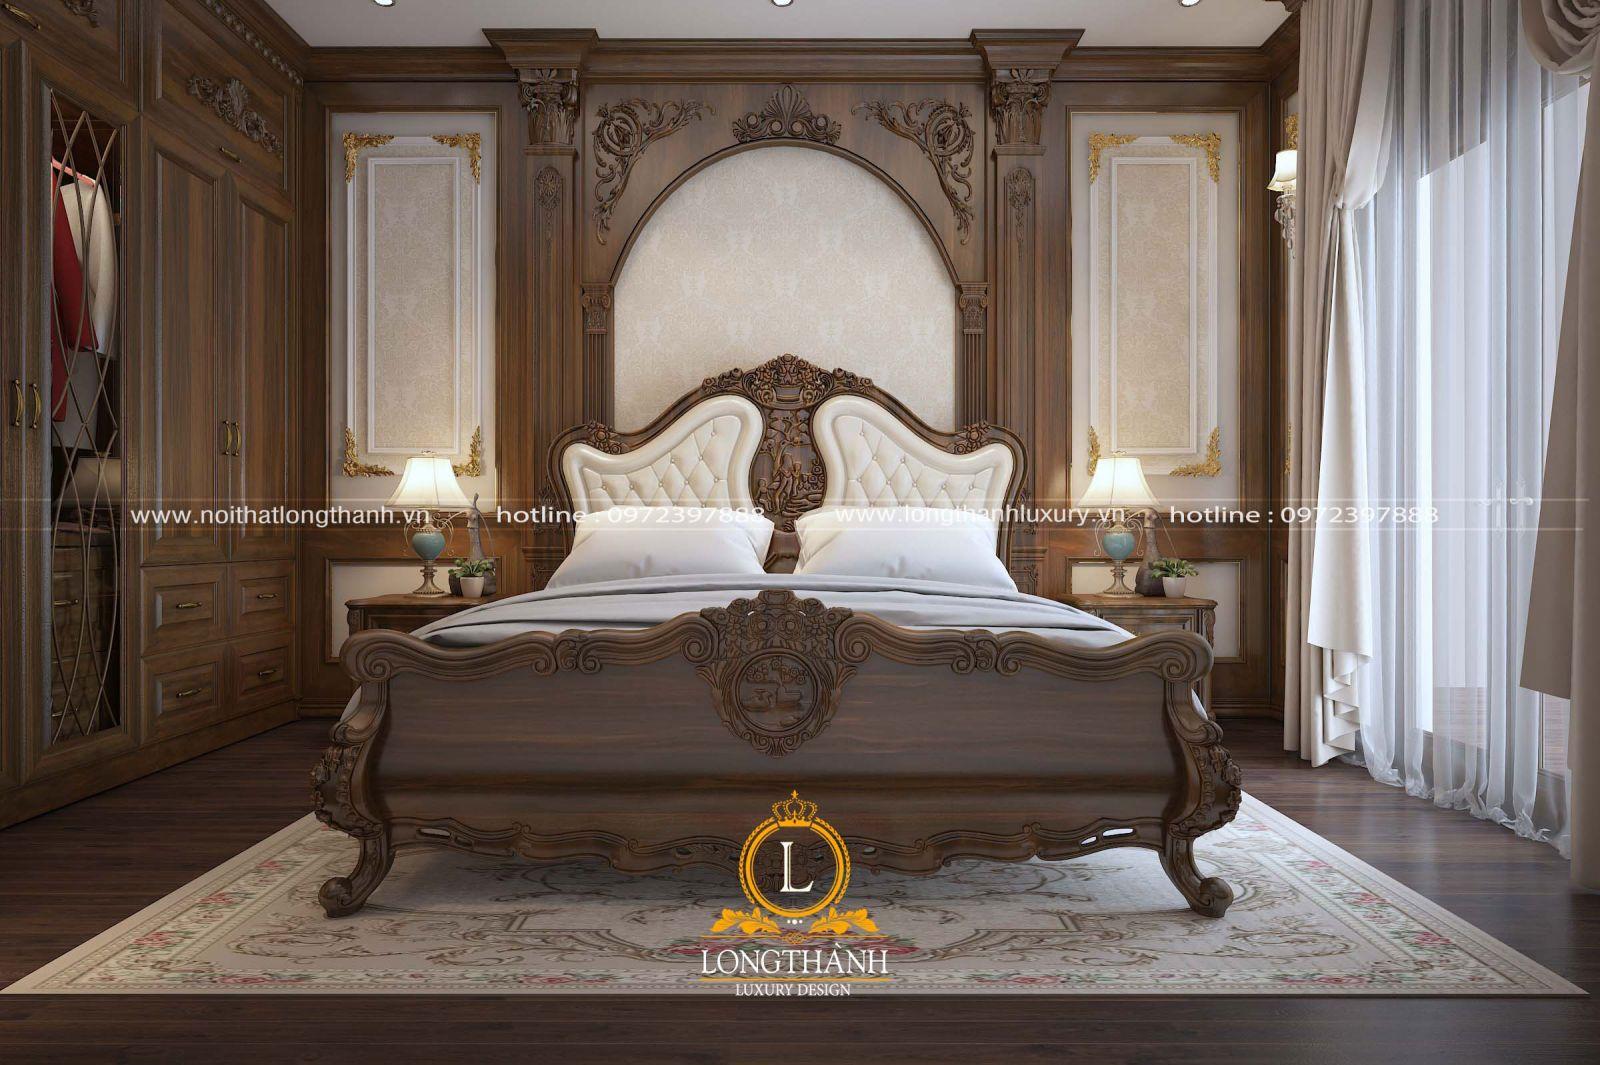 Không gian phòng ngủ cao cấp được thiết kế đẹptinh tế từ gỗ Óc Chó tự nhiên nhập khẩu